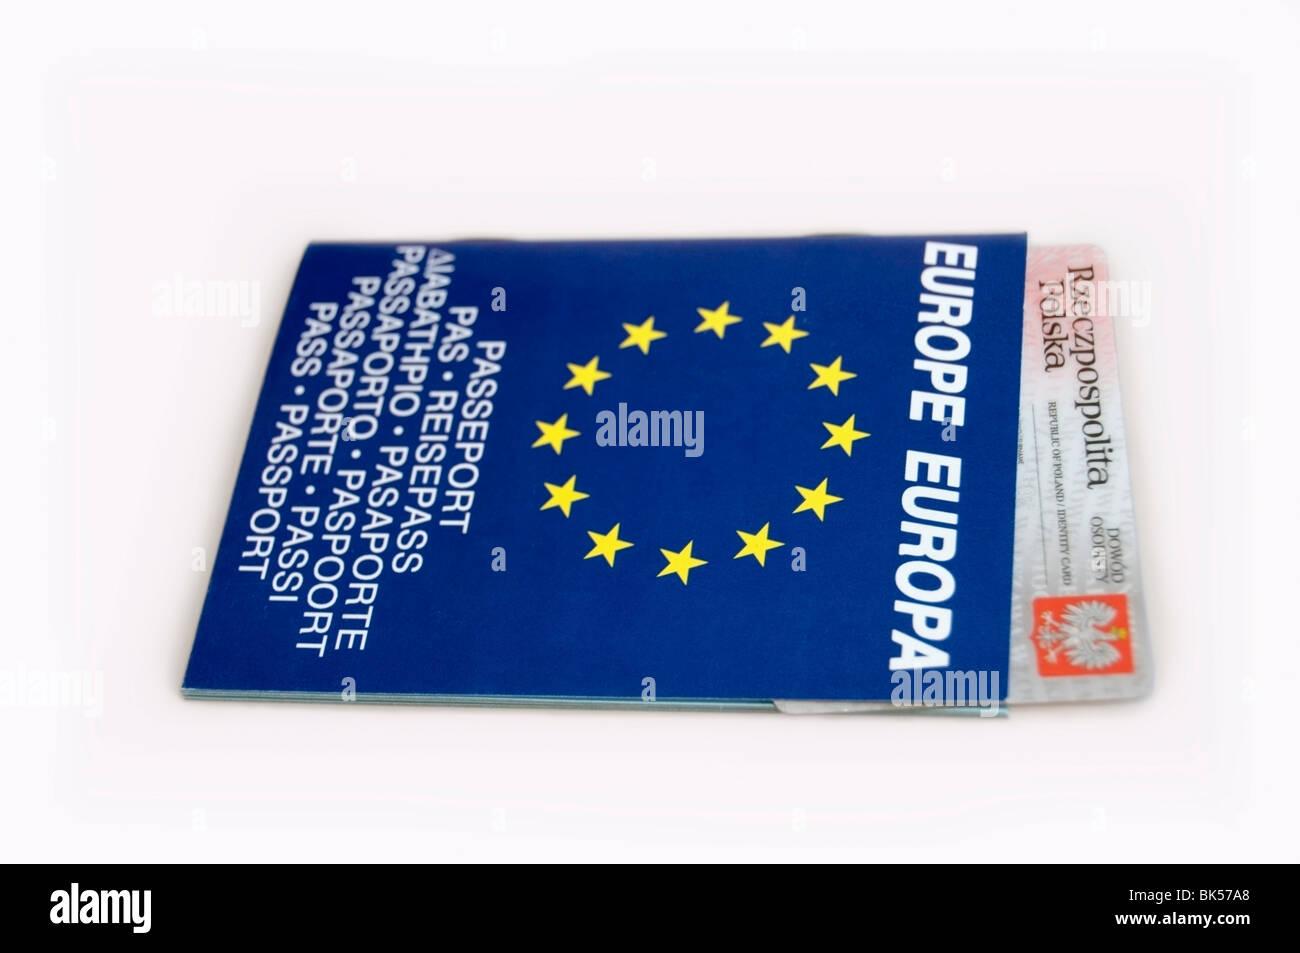 Pasaporte Europeo, folleto bilingüe en azul con estrellas amarillas y tarjeta de identificación polaco sobre fondo blanco, Europa, UE Foto de stock